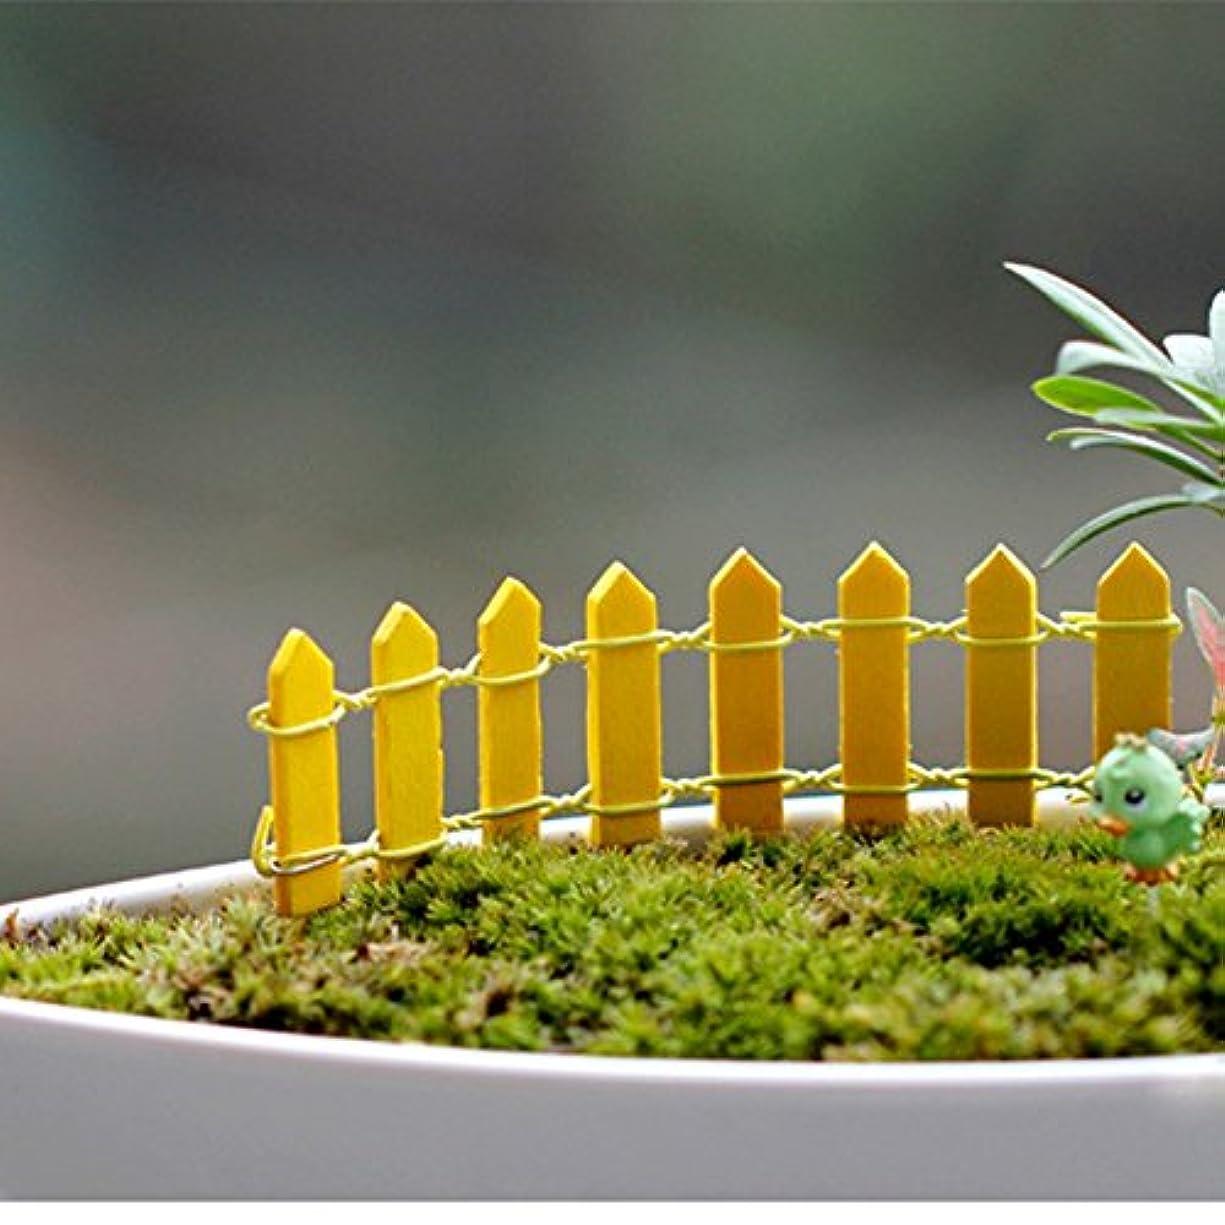 ダンプ釈義ホイットニーJicorzo - 20個DIY木製の小さなフェンスモステラリウム植木鉢工芸ミニおもちゃフェアリーガーデンミニチュア[イエロー]